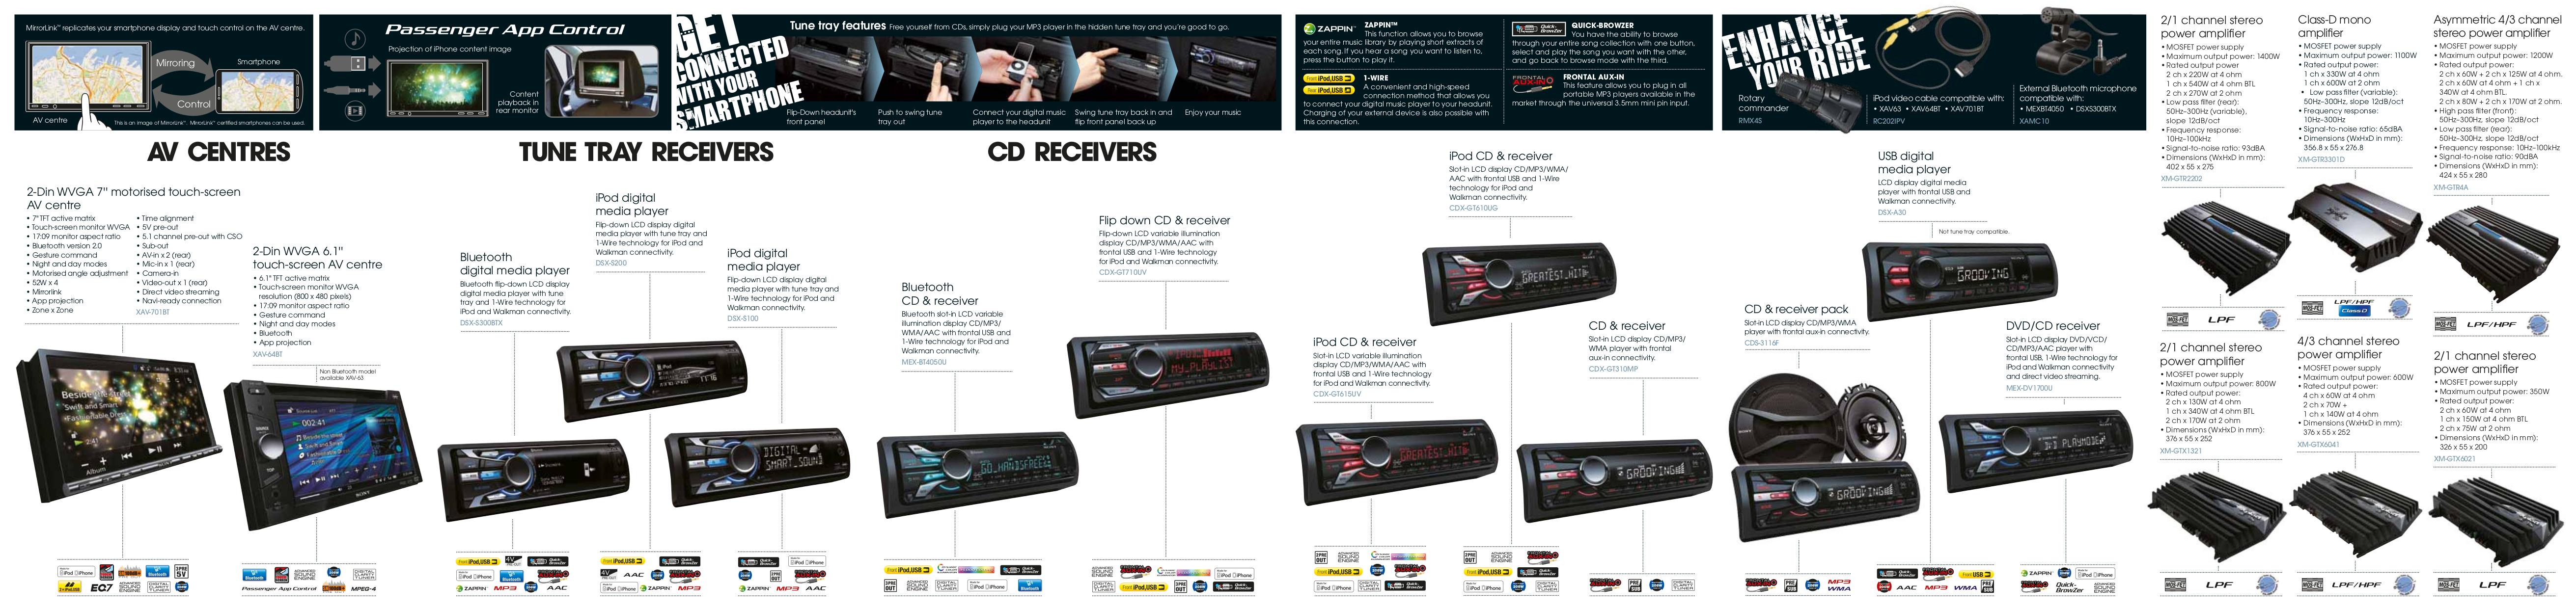 sony car receiver xplod dsx-s200x pdf page preview